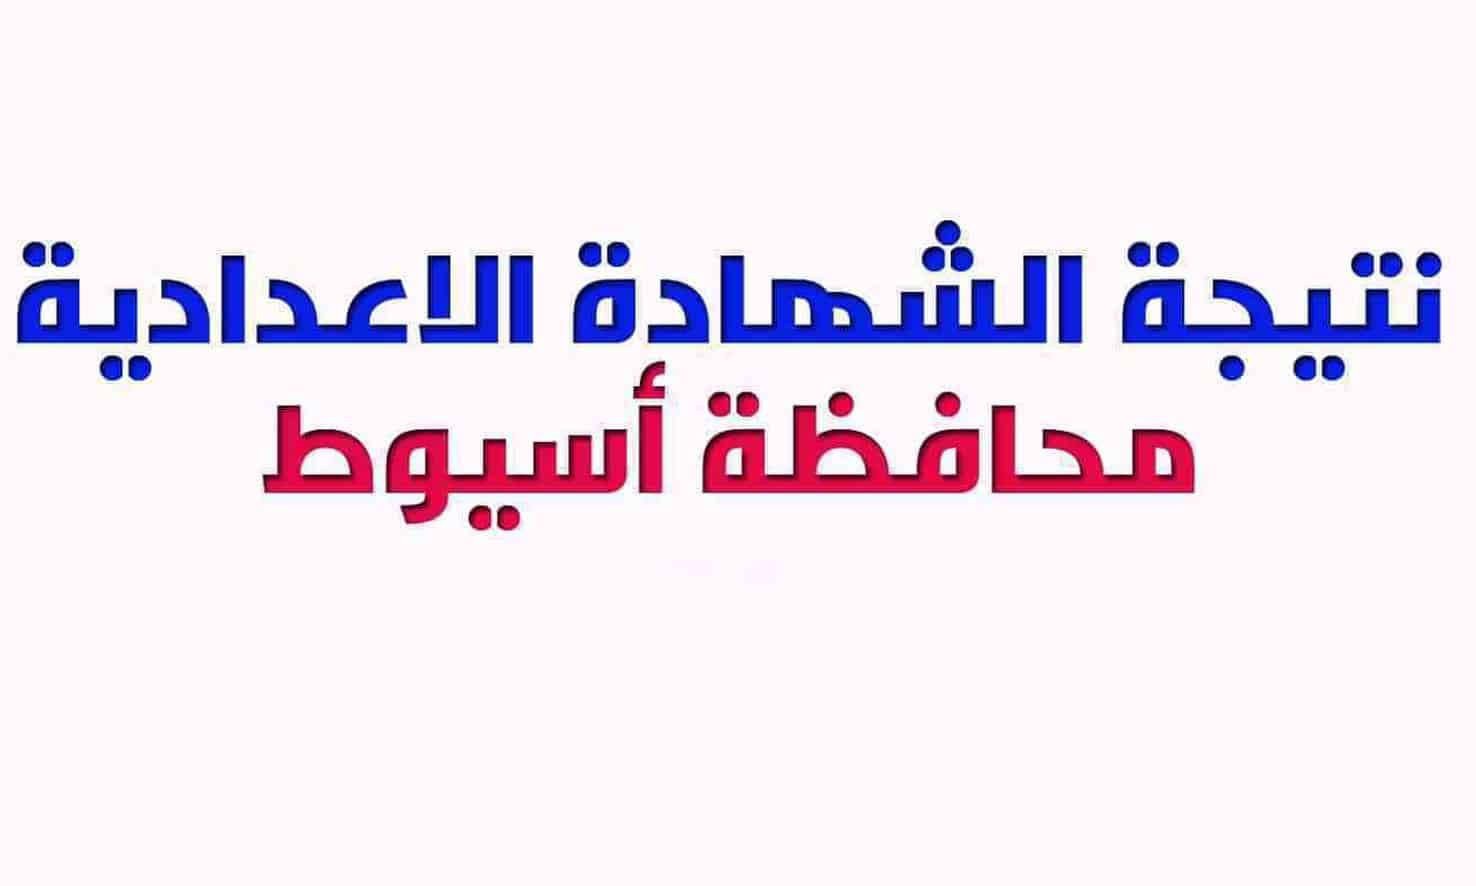 نتيجة الشهادة الإعدادية محافظة أسيوط (القوصية) 2021 البوابة الإلكترونية لمحافظة أسيوط